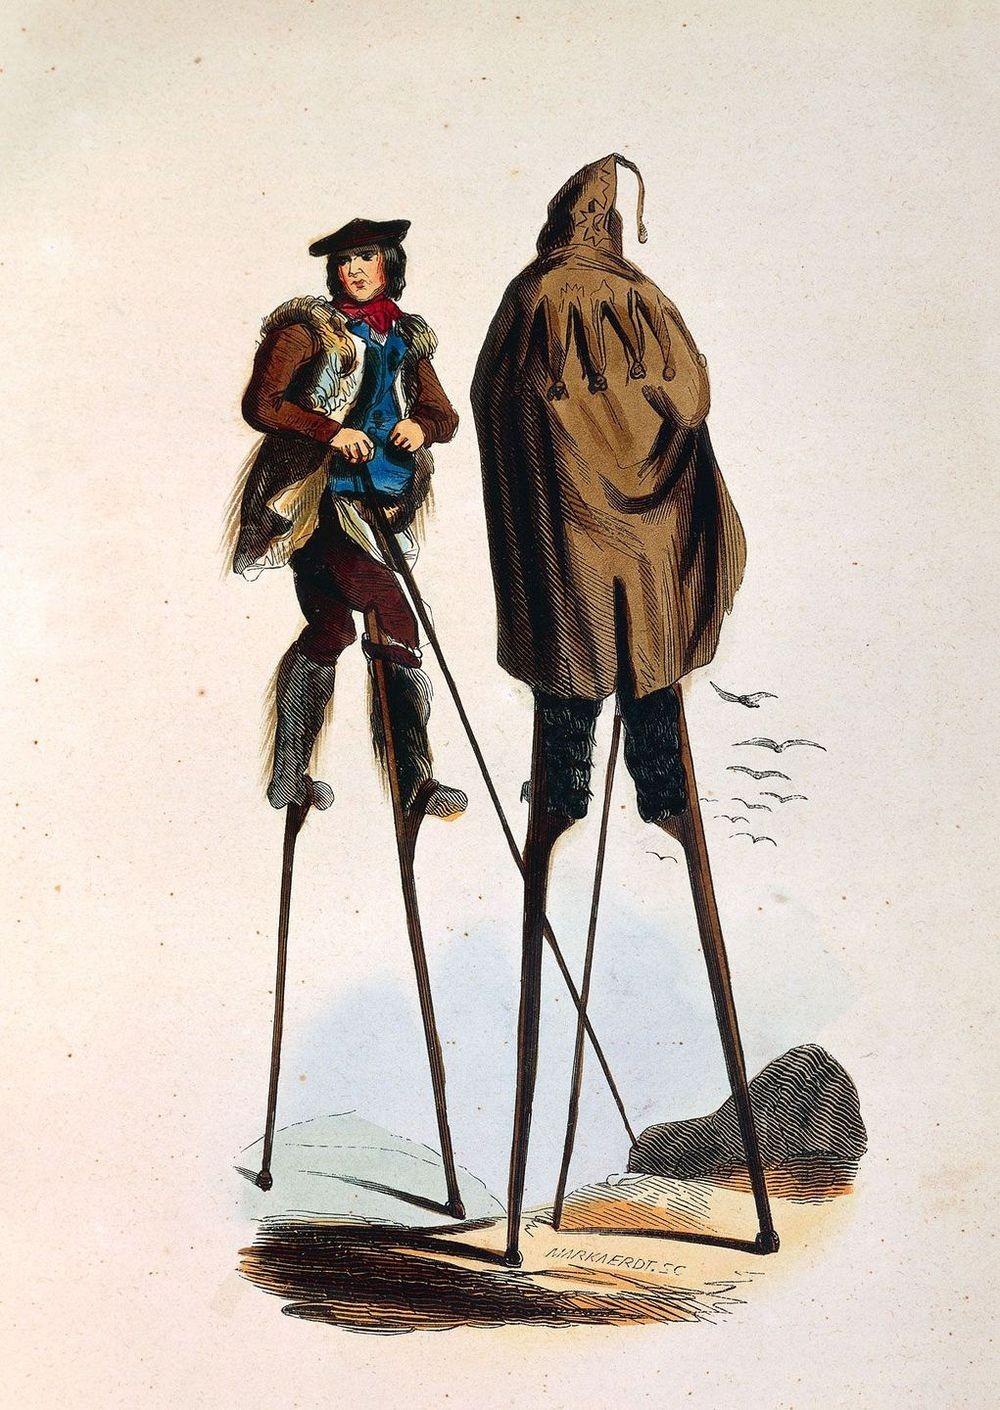 landes-stilt-walkers-6